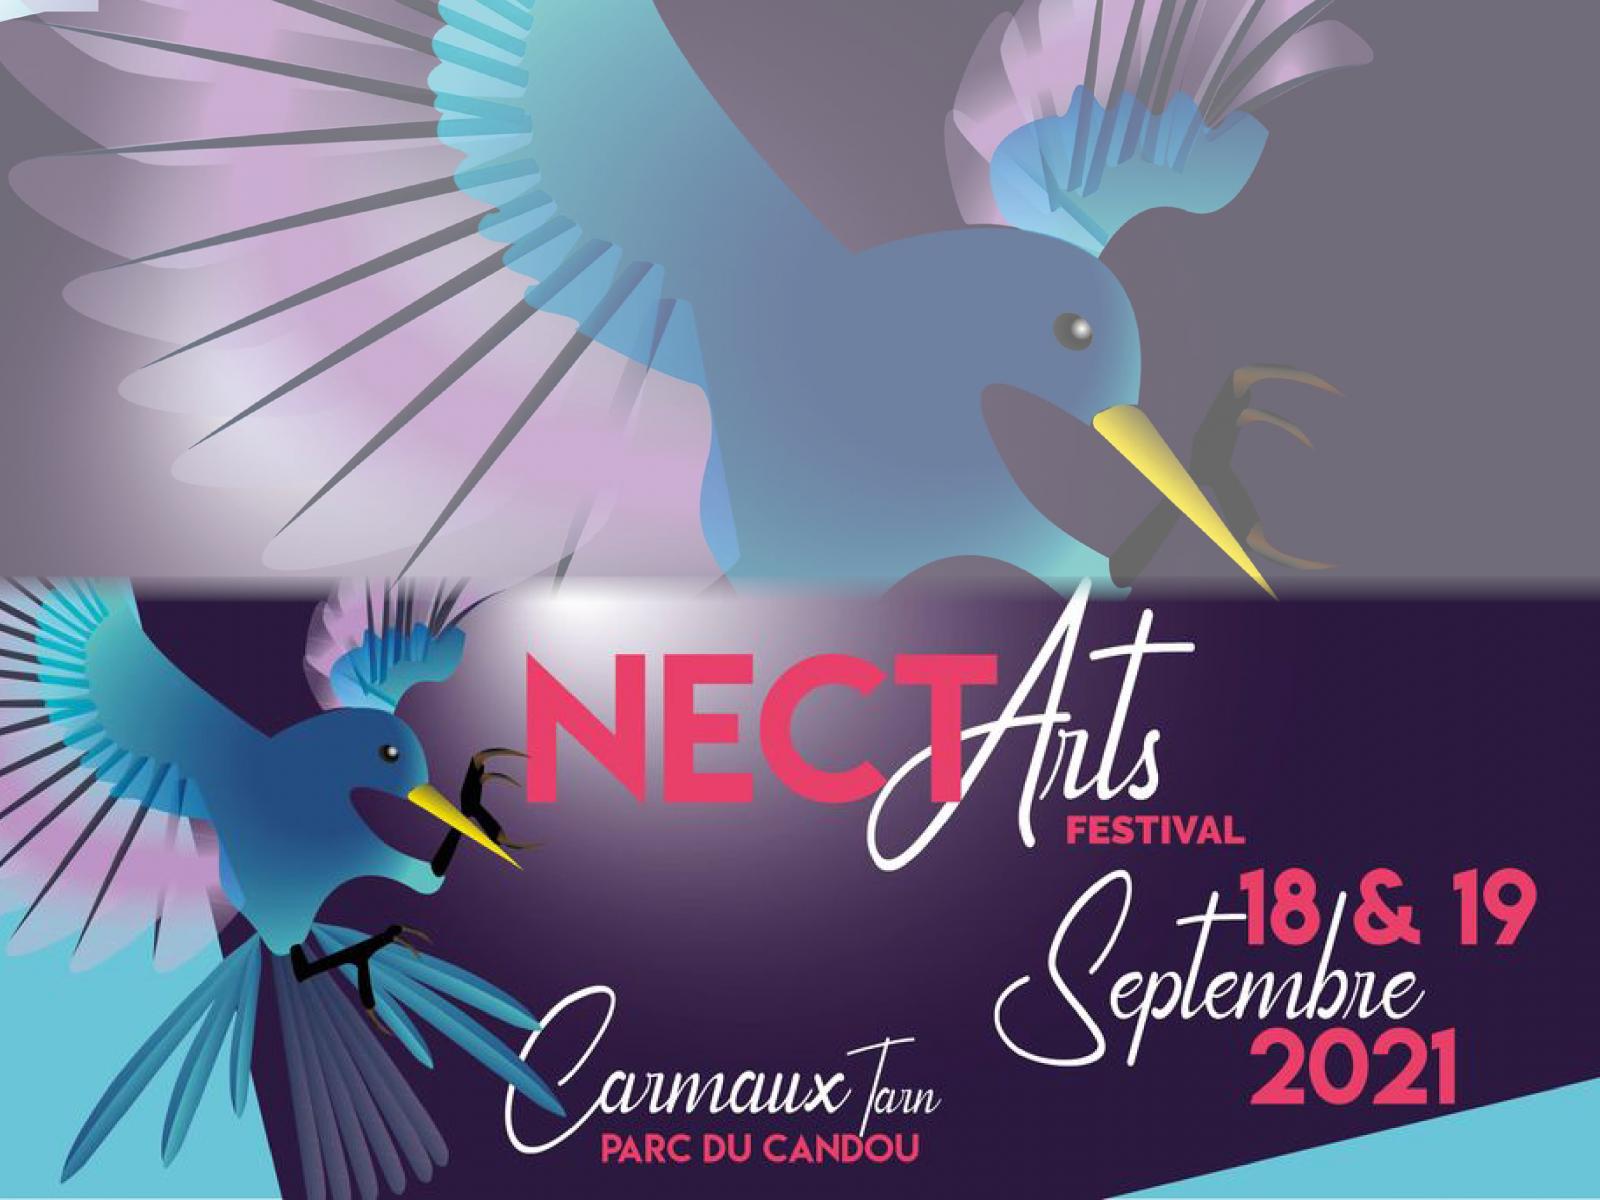 NECT'Arts festival